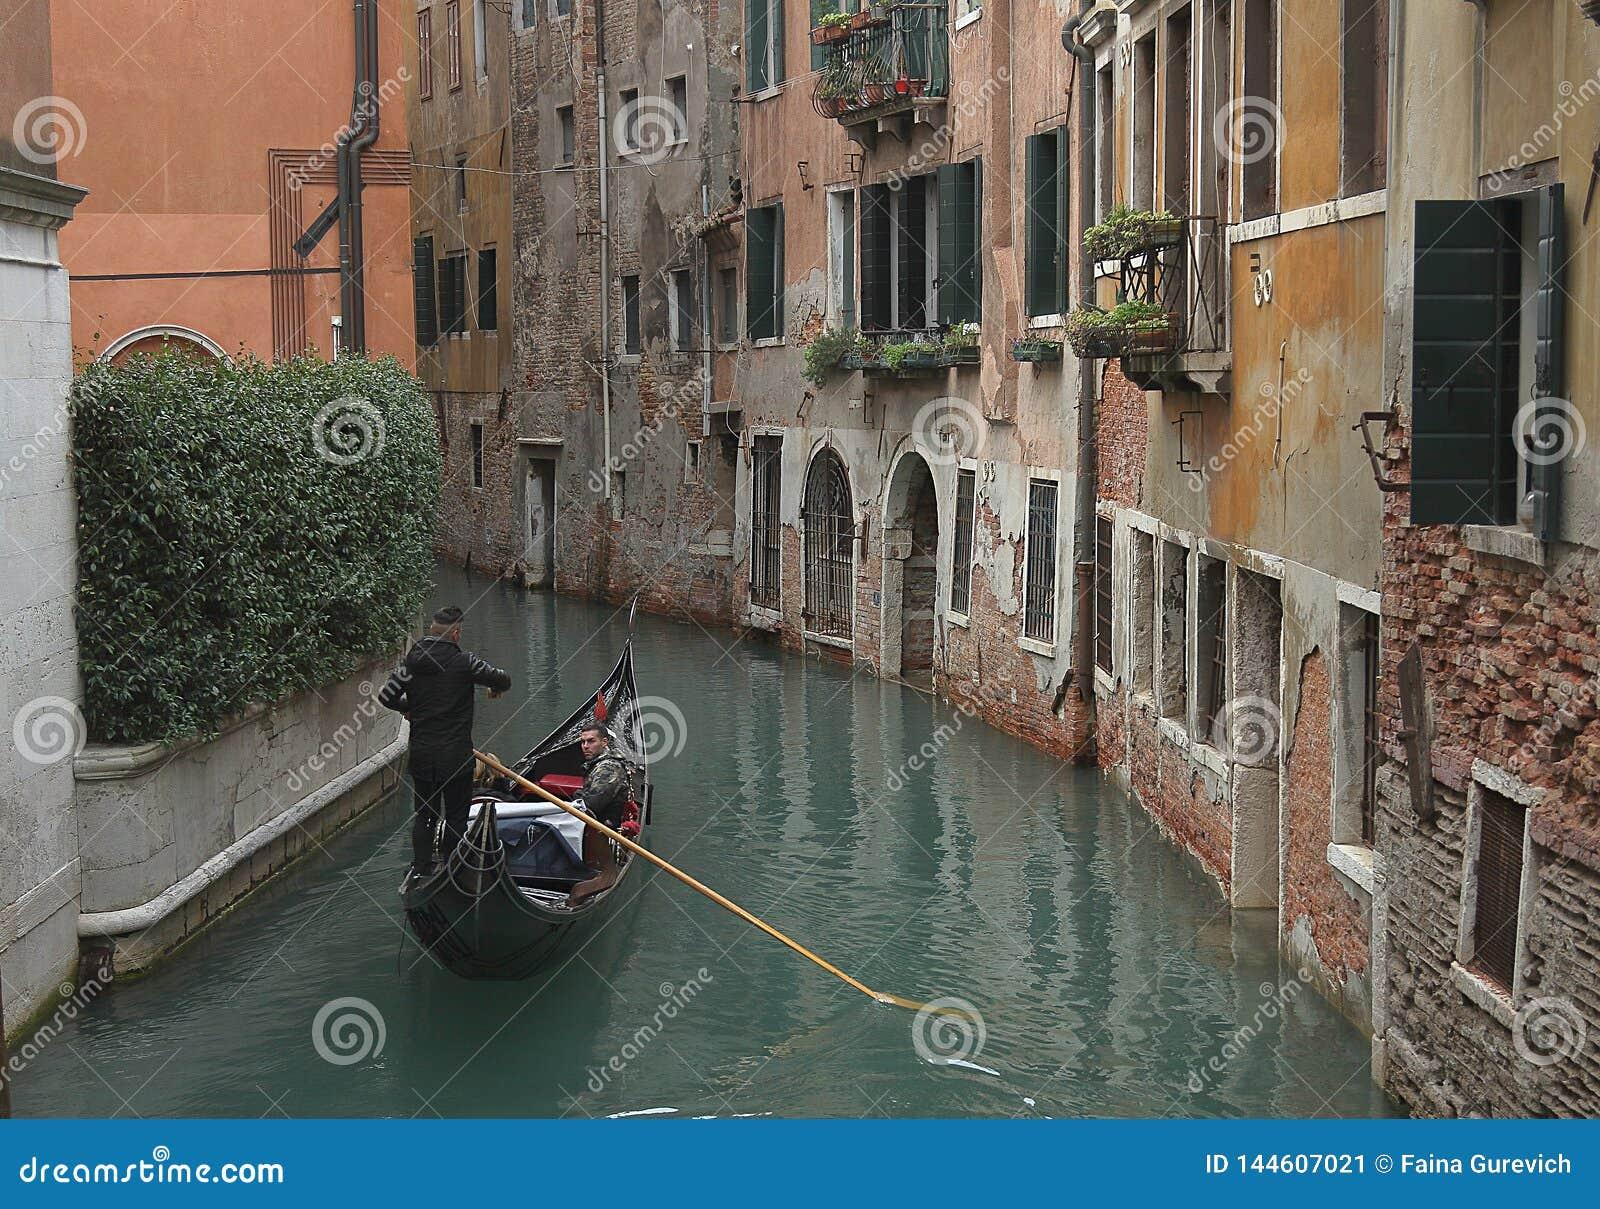 Гондола с туристами на узком канале окруженном старыми зданиями в Вен